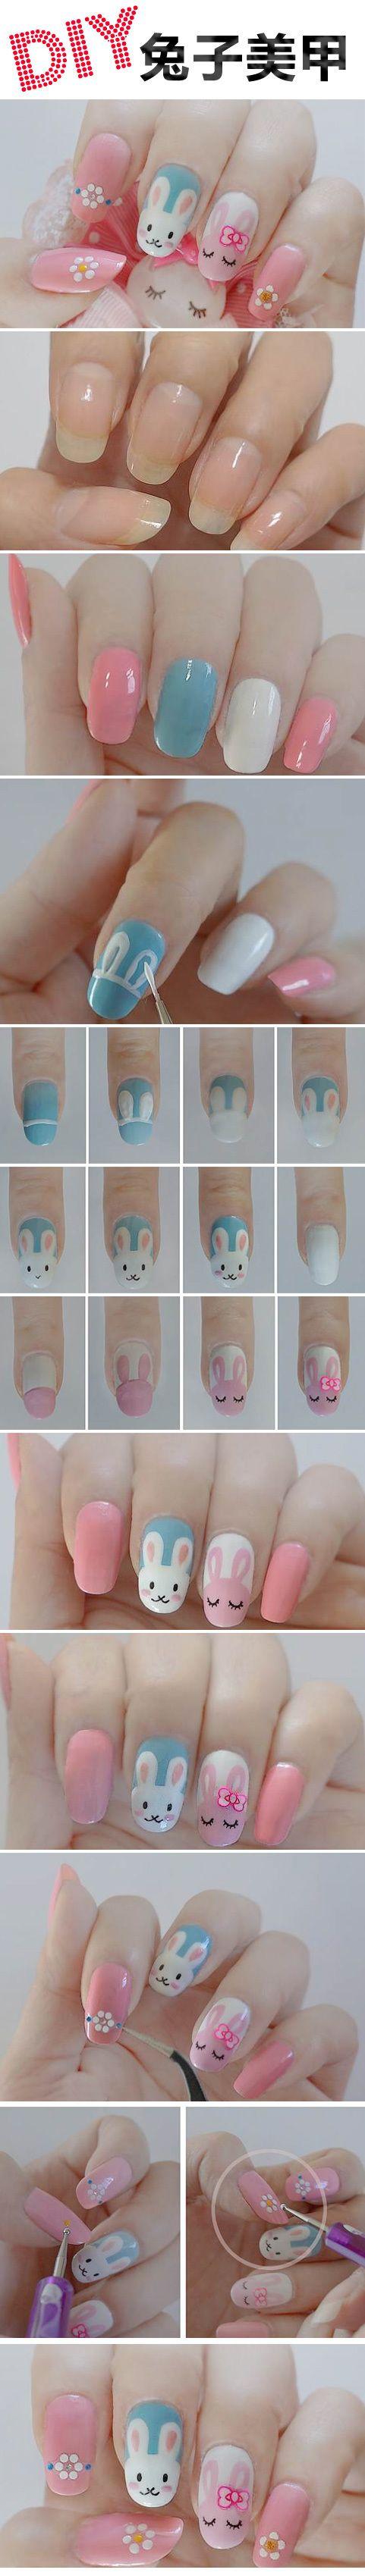 Diy-cute-rabbit-nail-art_large